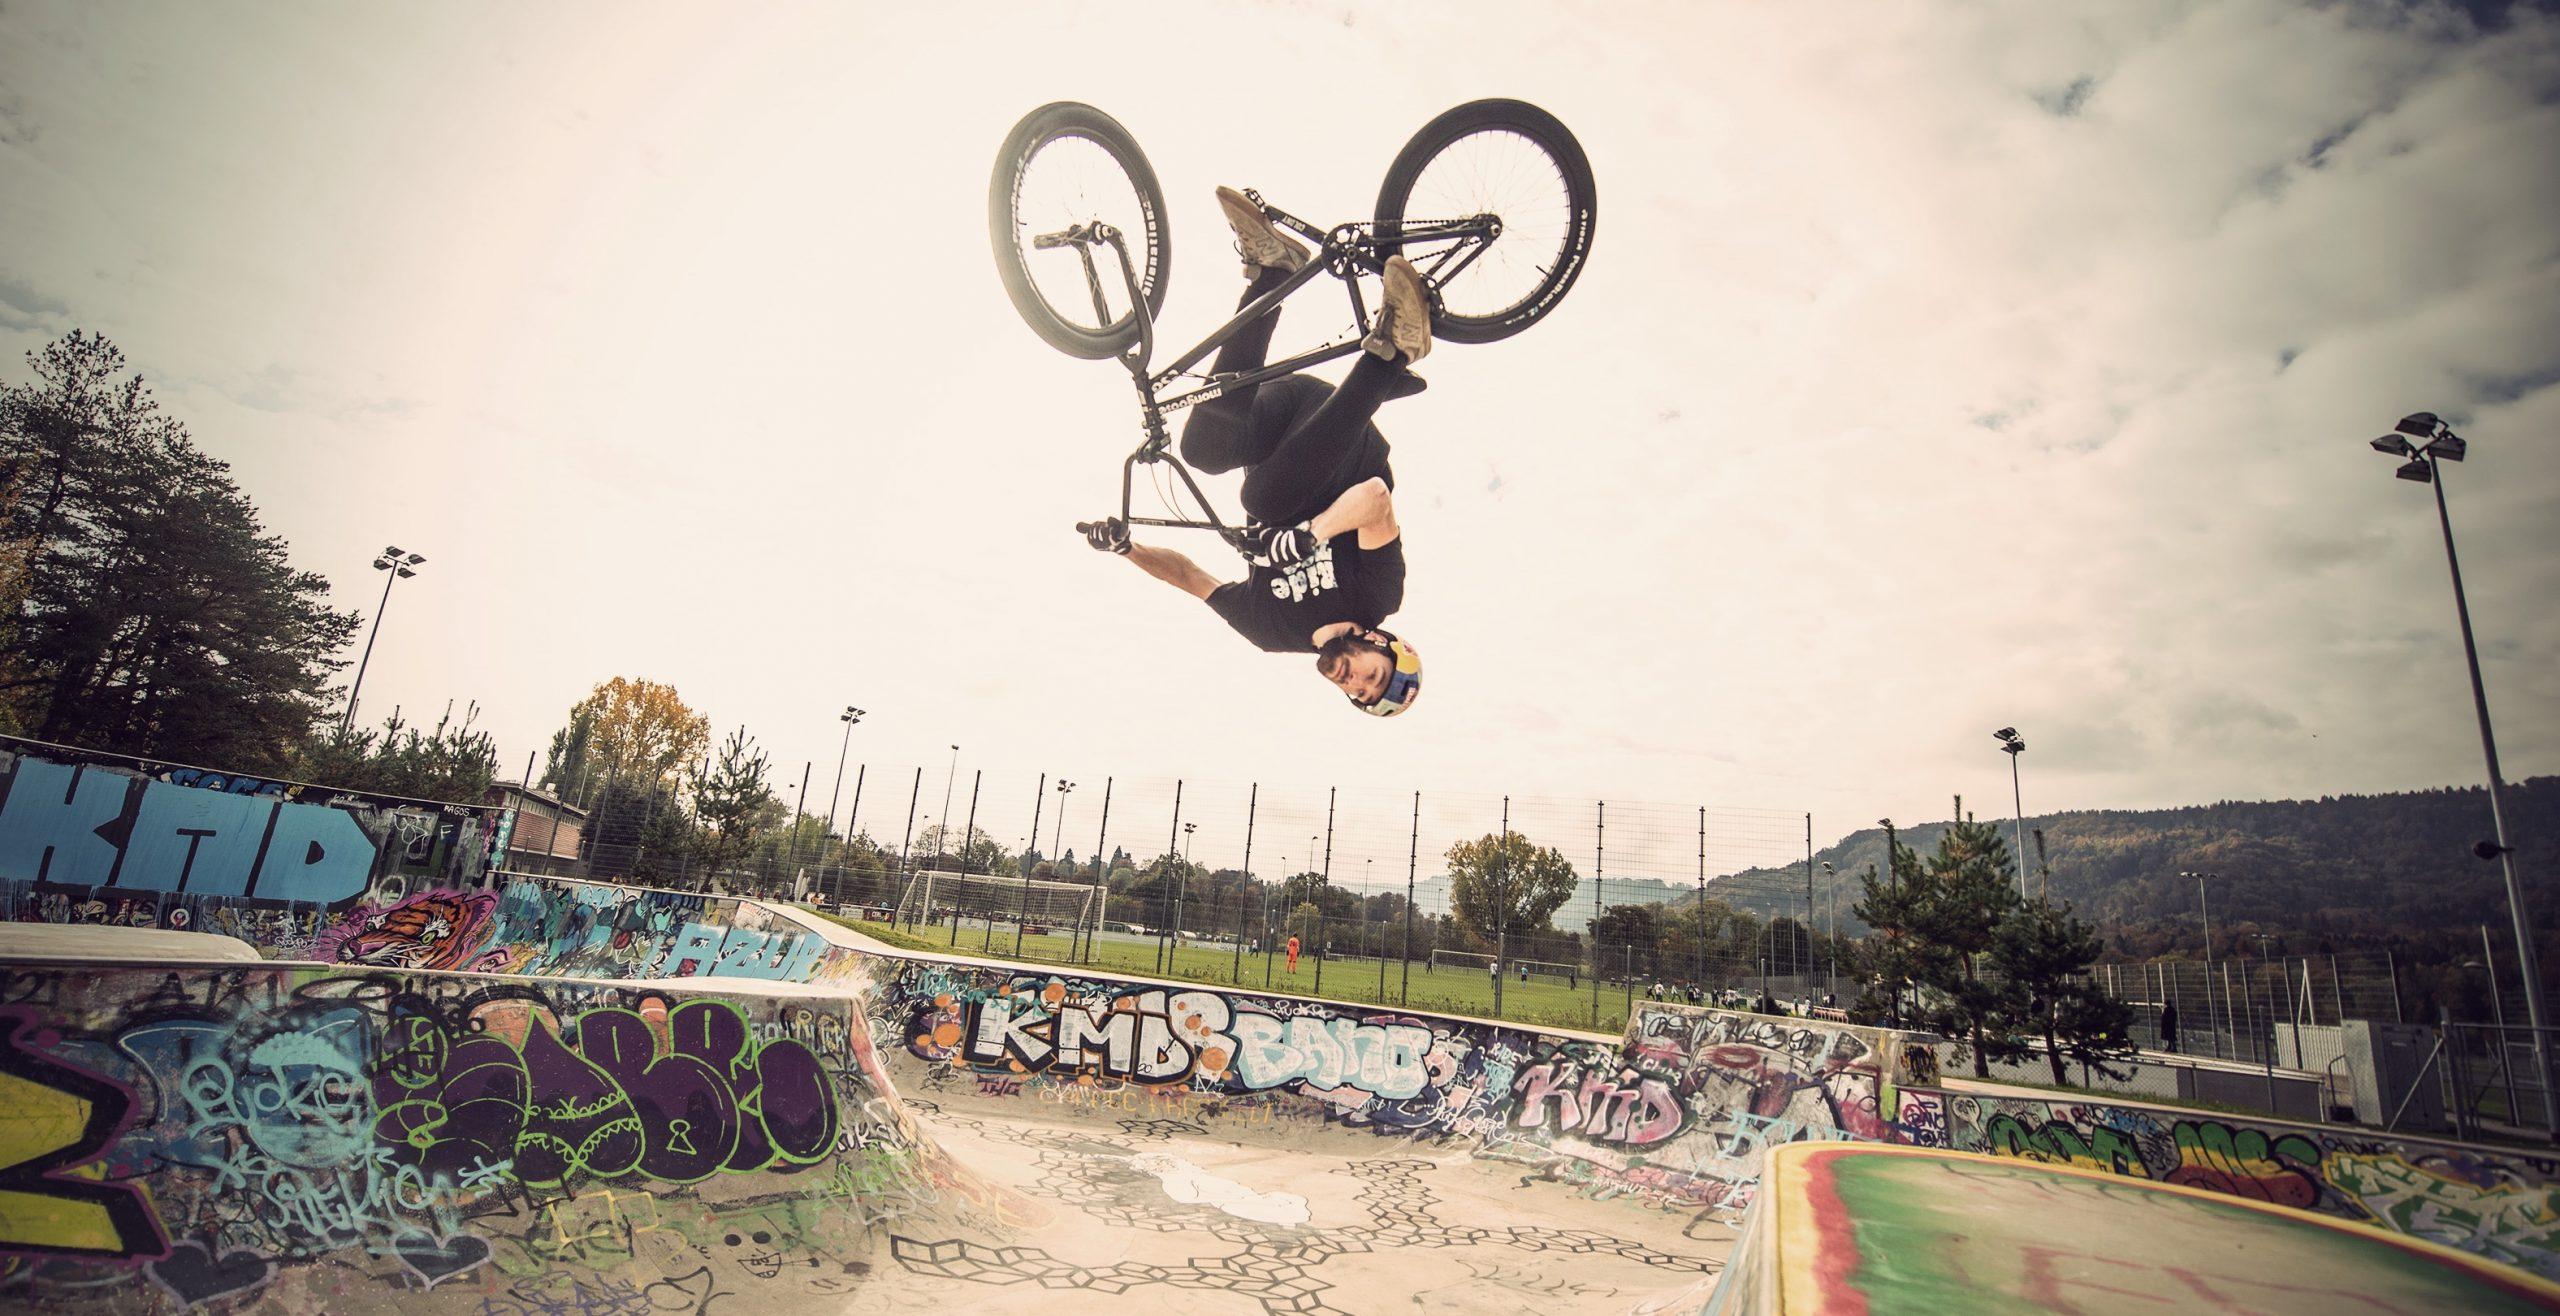 Flair by Daniel Wedemeijer in Skatepark Zurich